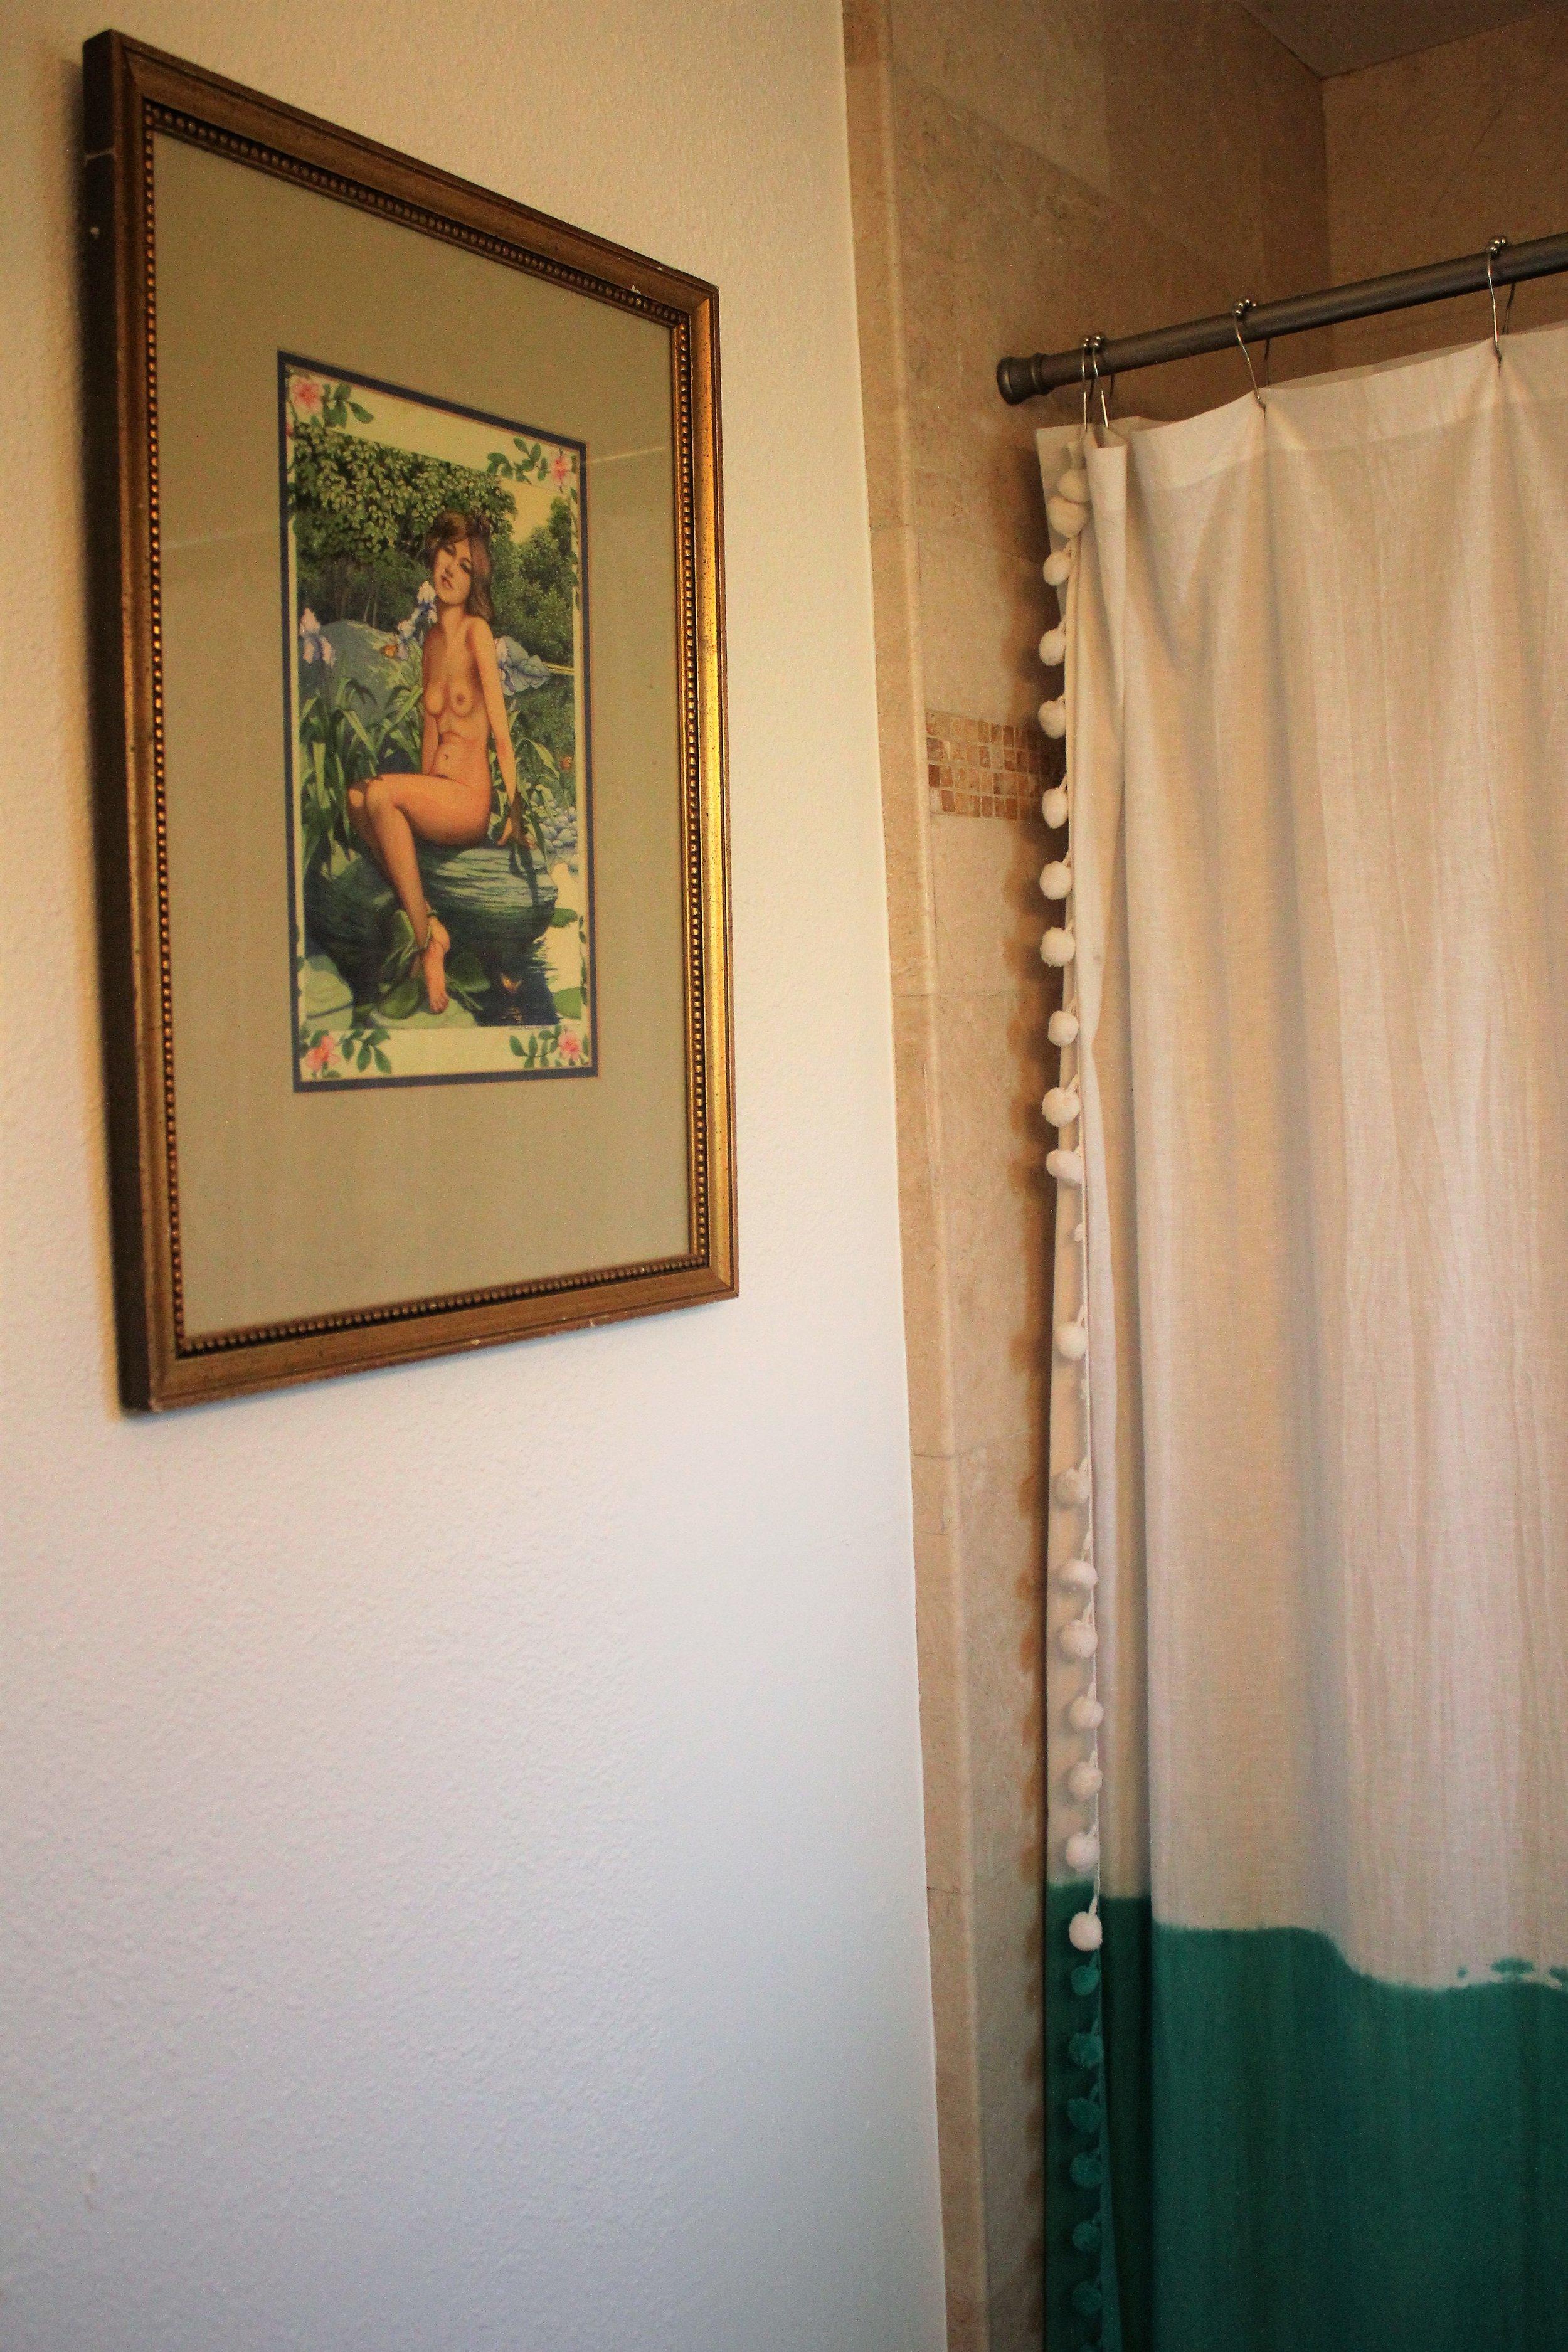 Best Artwork for the Bathroom via Que Sera Sahra